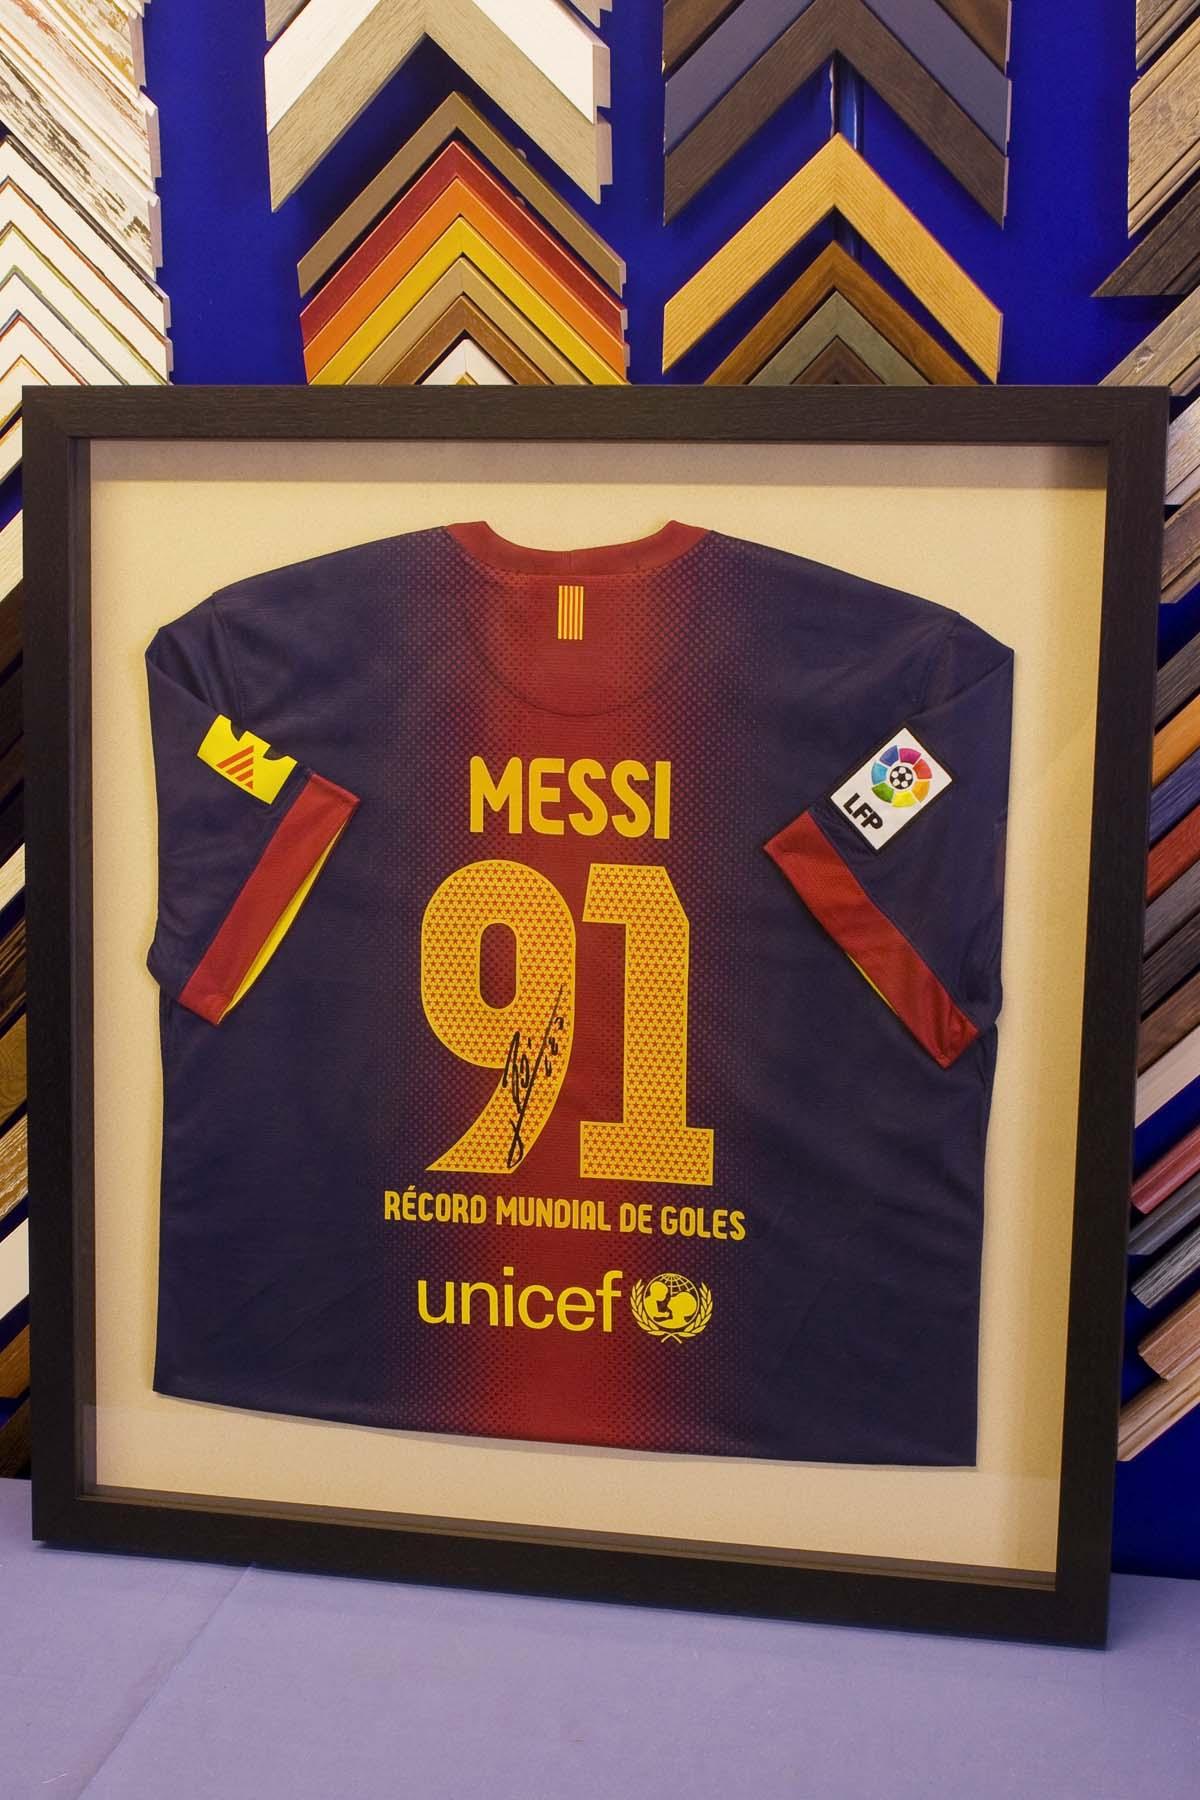 football shirt in frame